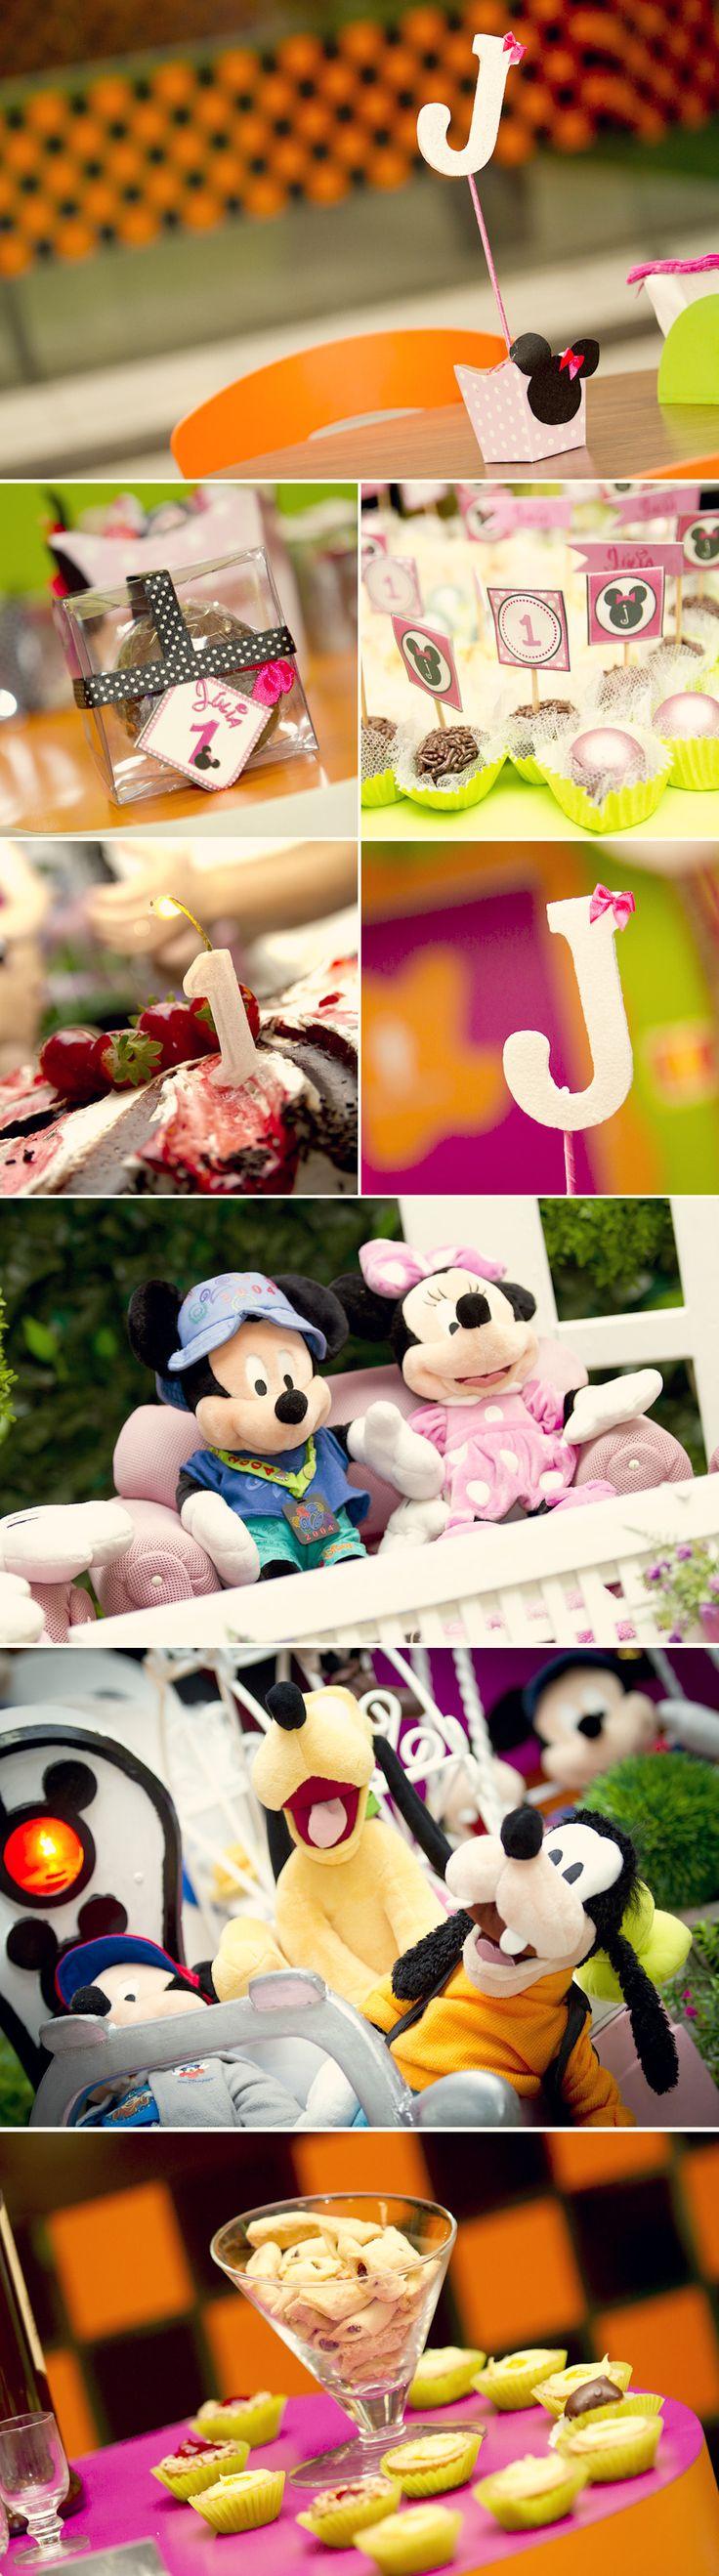 kids party, party ideas,photography,photo,fotografia, festa infantil